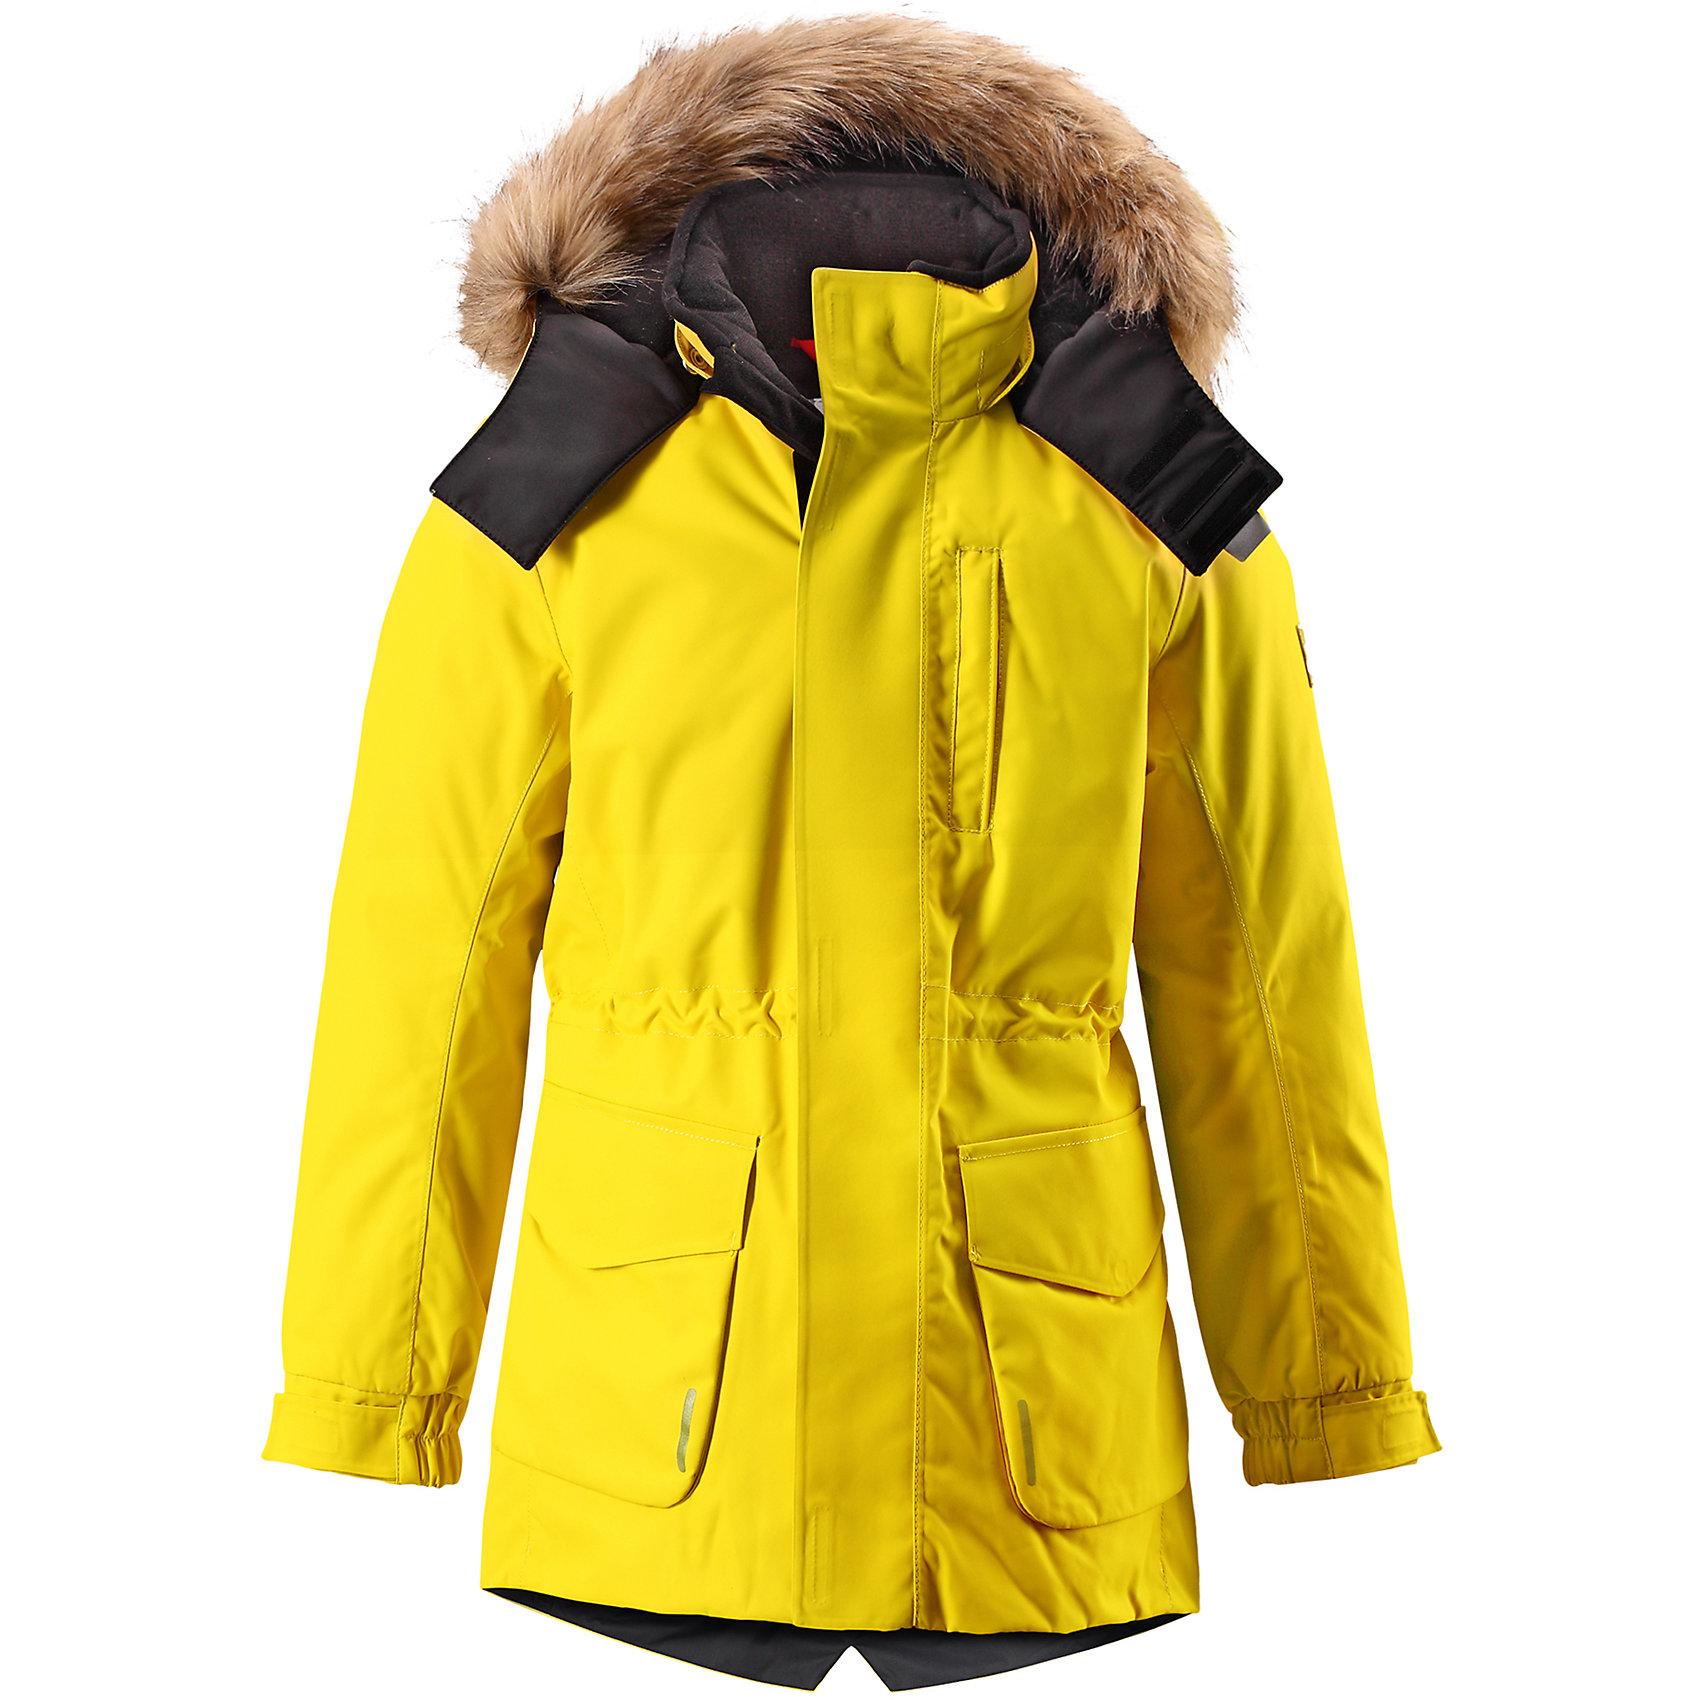 Куртка Reimatec® Reima Naapuri для мальчикаВерхняя одежда<br>Характеристики товара:<br><br>• цвет: желтый;<br>• 100% полиэстер, полиуретановое покрытие;<br>• утеплитель: 100% полиэстер 140 г/м2;<br>• сезон: зима;<br>• температурный режим: от 0 до -20С;<br>• водонепроницаемость: 15000 мм;<br>• воздухопроницаемость: 7000 мм;<br>• износостойкость: 30000 циклов (тест Мартиндейла)<br>• особенности: с мехом;<br>• водо- и ветронепроницаемый, дышащий и грязеотталкивающий материал;<br>• все швы проклеены и водонепроницаемы;<br>• гладкая подкладка из полиэстера;<br>• безопасный съемный и регулируемый капюшон;<br>• съемный искусственный мех на капюшоне;<br>• регулируемые манжеты рукавов;<br>• внутренняя регулировка обхвата талии;<br>• внутренний нагрудный карман;<br>• внешний нагрудный карман;<br>• два накладных кармана;<br>• петля для крепления ключей или дополнительных светоотражателей;<br>• светоотражающие элементы;<br>• страна бренда: Финляндия;<br>• страна производства: Китай.<br><br>Удлиненная зимняя куртка из специального водо-и ветронепроницаемого материала хорошо пропускает воздух и обладает водо и грязеотталкивающими свойствами. Все швы проклеены и водонепроницаемы, так что дети могут наслаждаться веселыми зимними забавами в любую погоду. У этой модели прямой покрой с регулируемой талией и подолом, так что при желании силуэт можно сделать более приталенным. <br><br>Куртка снабжена двумя большими карманами с клапанами и двумя нагрудными карманами, один из которых на молнии. Удобная петелька, спрятанная в кармане с клапаном – к ней можно прикрепить светоотражатель или ключи. Безопасный съемный капюшон с элегантной съемной оторочкой из искусственного меха. Эта куртка очень проста в уходе, кроме того, ее можно сушить в стиральной машине.<br><br>Куртку Naapuri для мальчика Reimatec® Reima (Рейма) можно купить в нашем интернет-магазине.<br><br>Ширина мм: 356<br>Глубина мм: 10<br>Высота мм: 245<br>Вес г: 519<br>Цвет: желтый<br>Возраст от месяцев: 60<br>Возраст до месяцев: 7